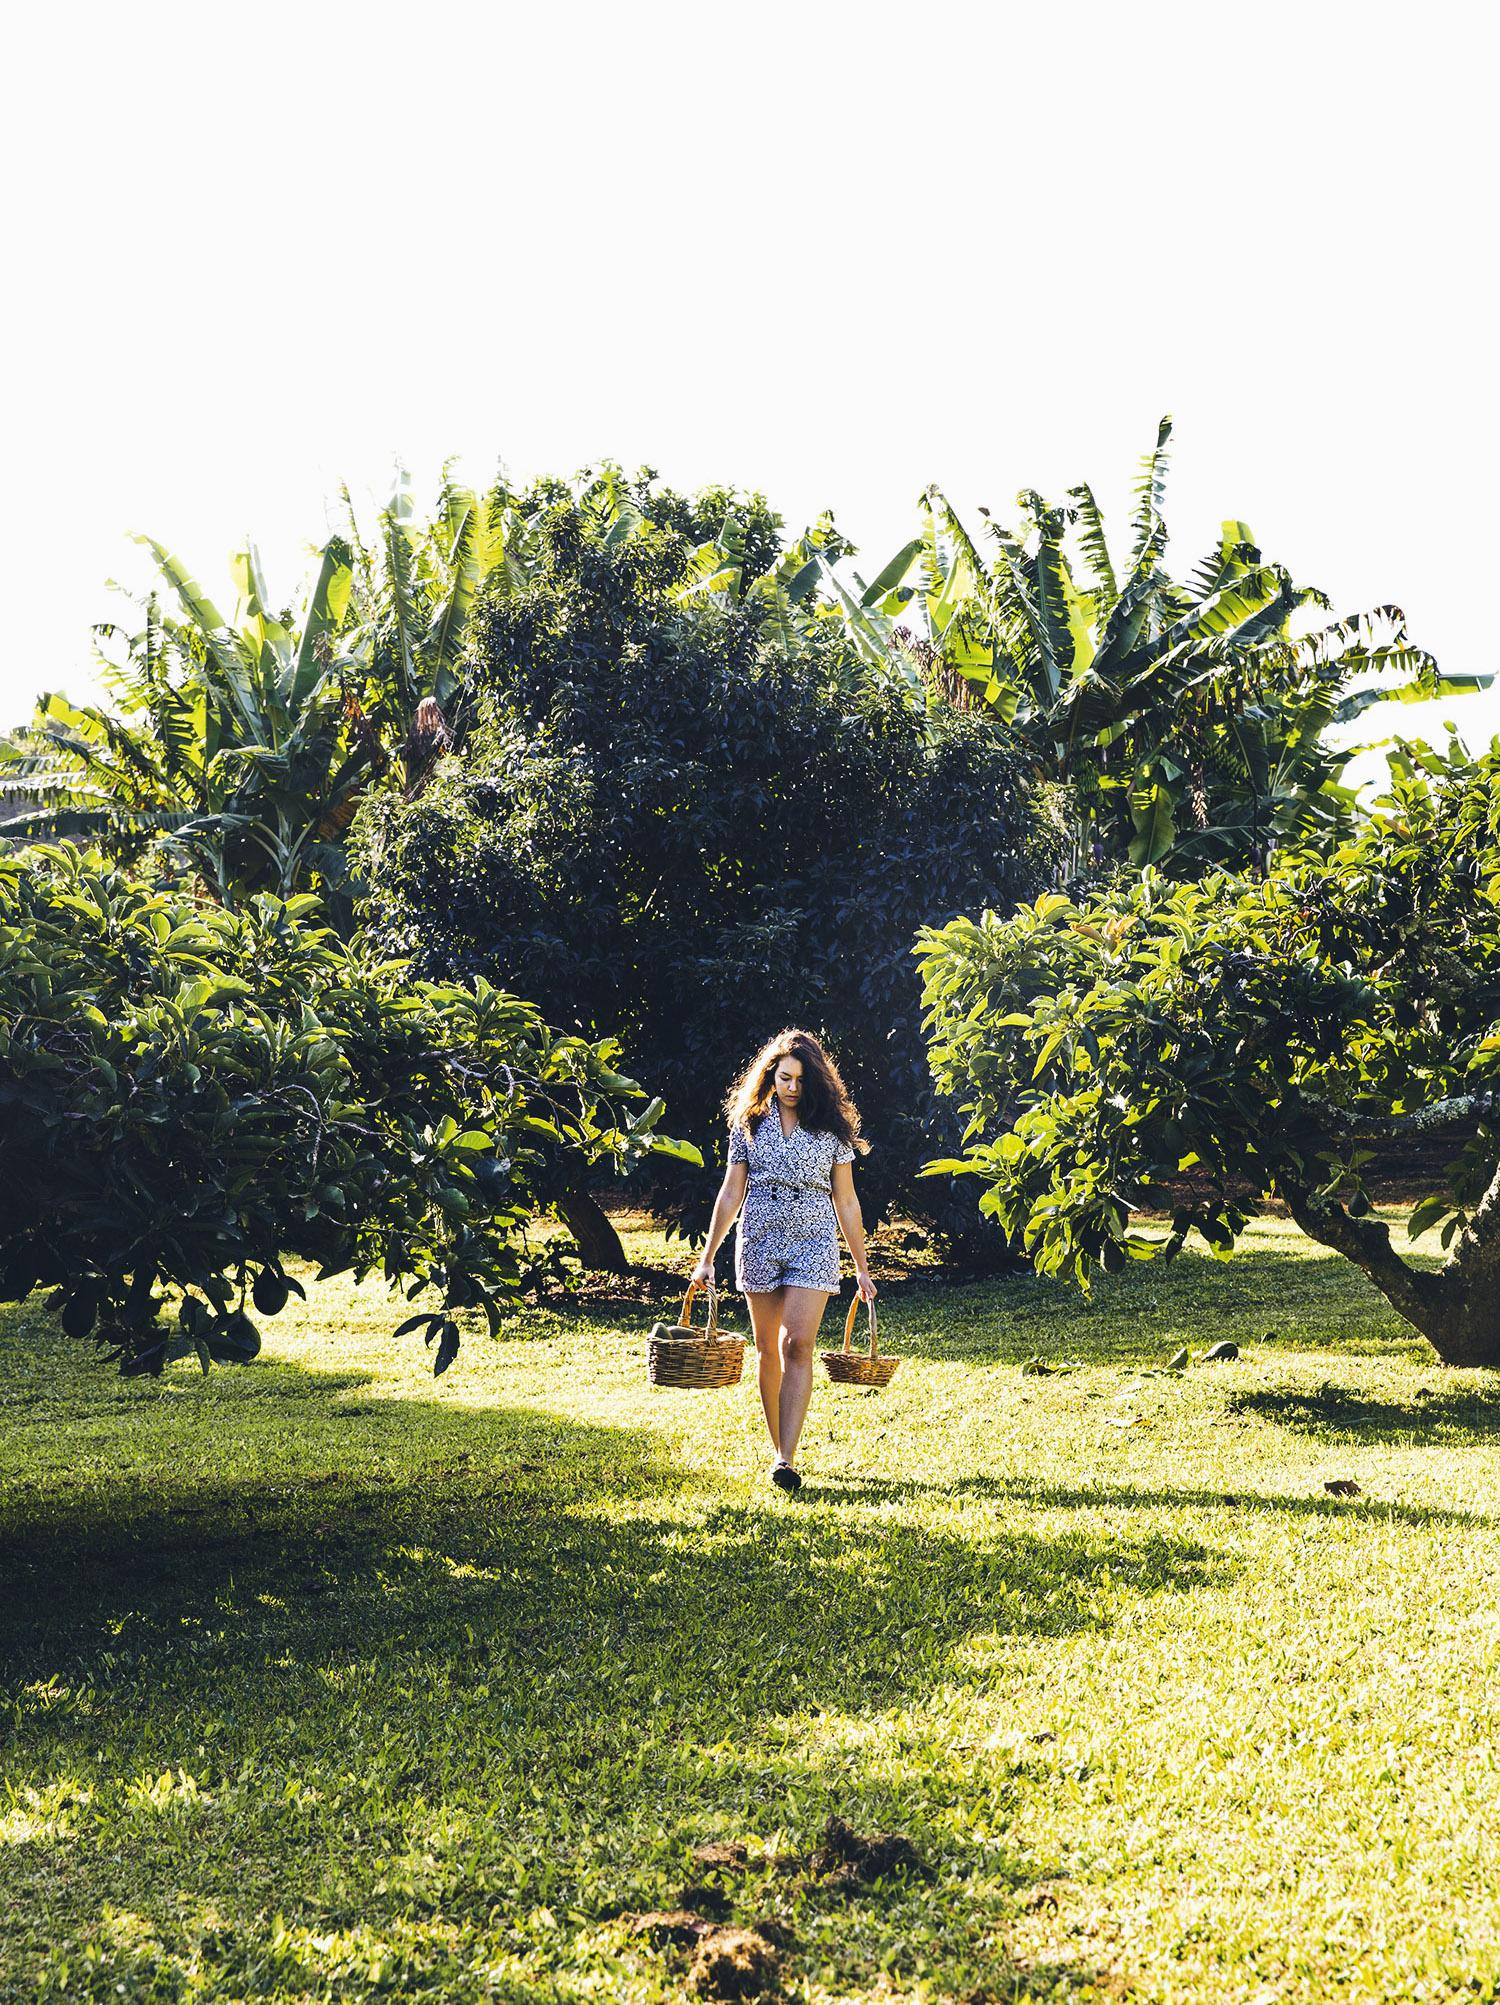 Kauai-0701_V1_final.jpg